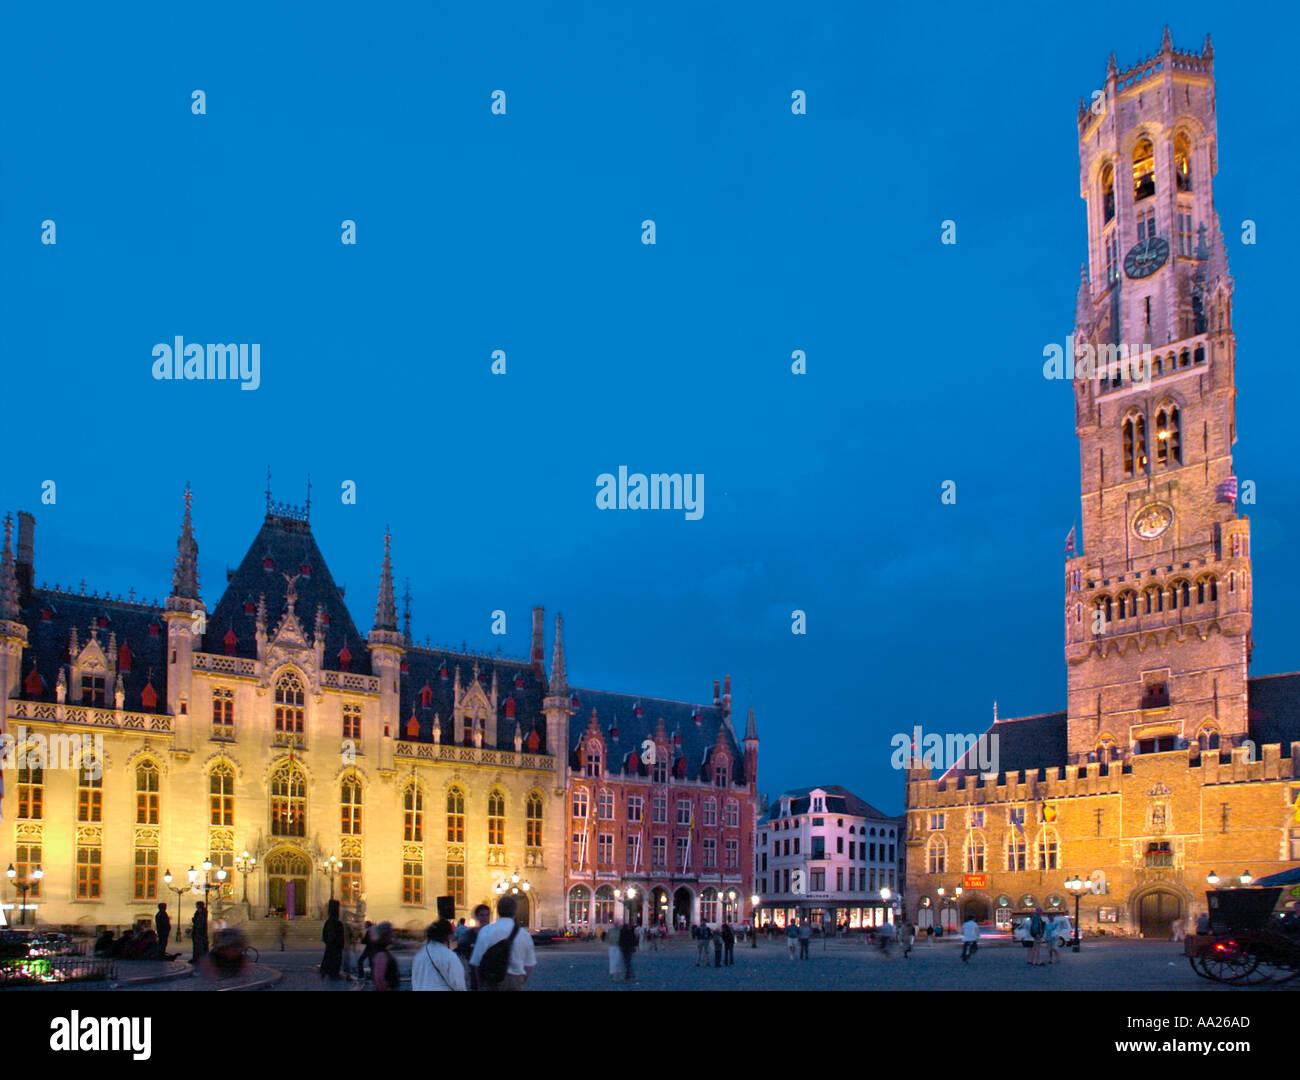 Bruges, Belgium. Markt at Night. - Stock Image